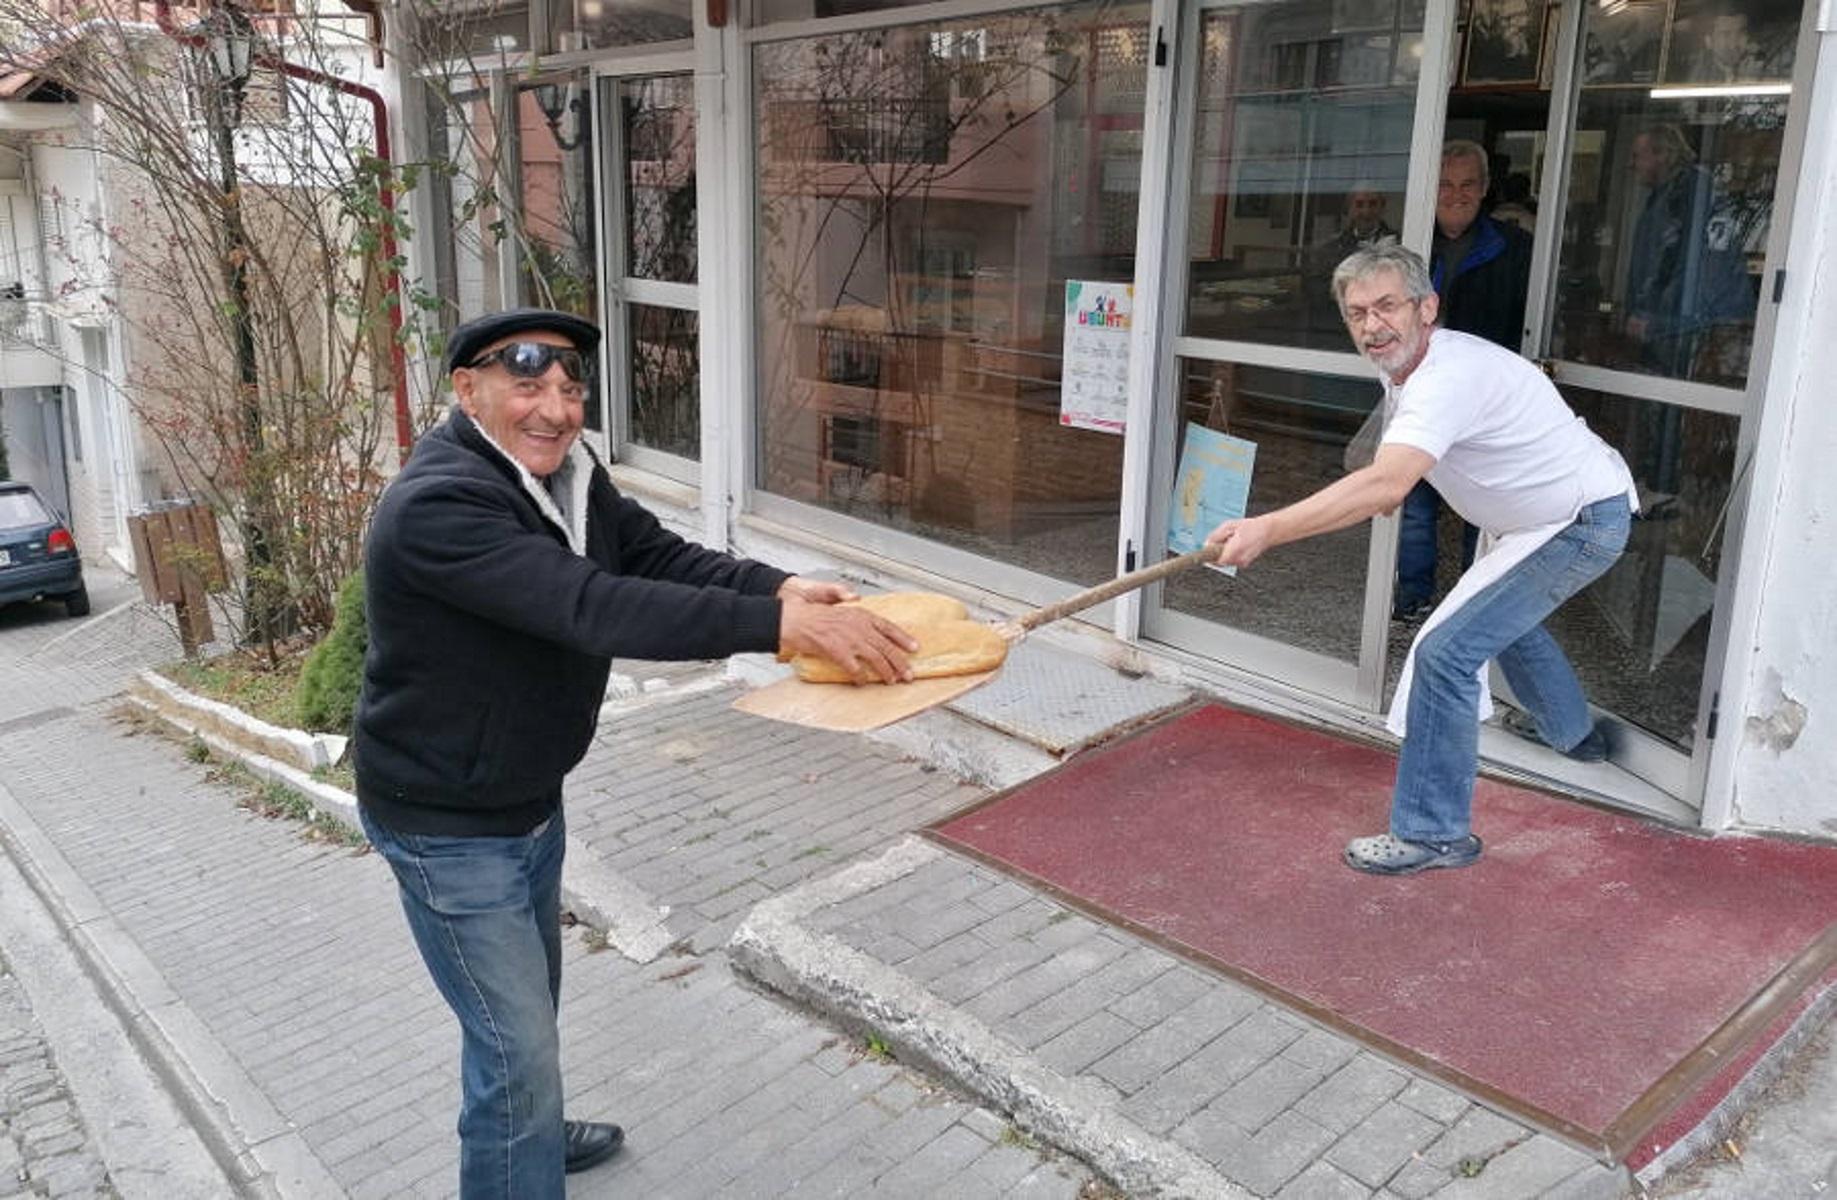 Κοζάνη: Πουλάει το ψωμί… αλλιώς, για να προστατευτεί από τον κορονοϊό!